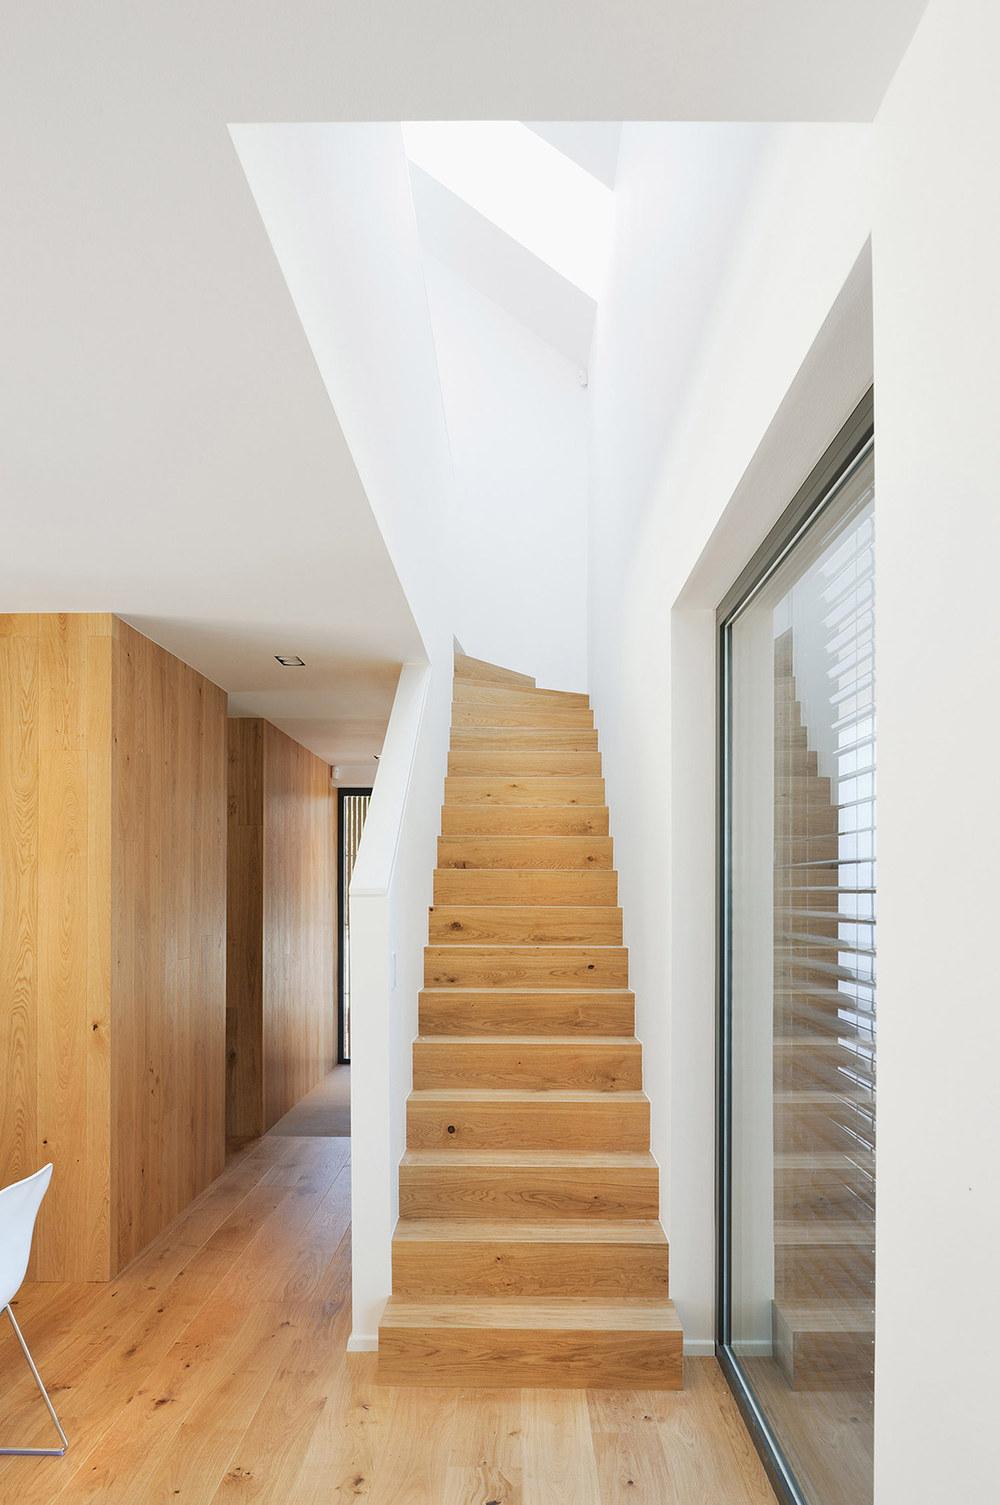 Notranjost aktivne hiše Lumar - stopnišče